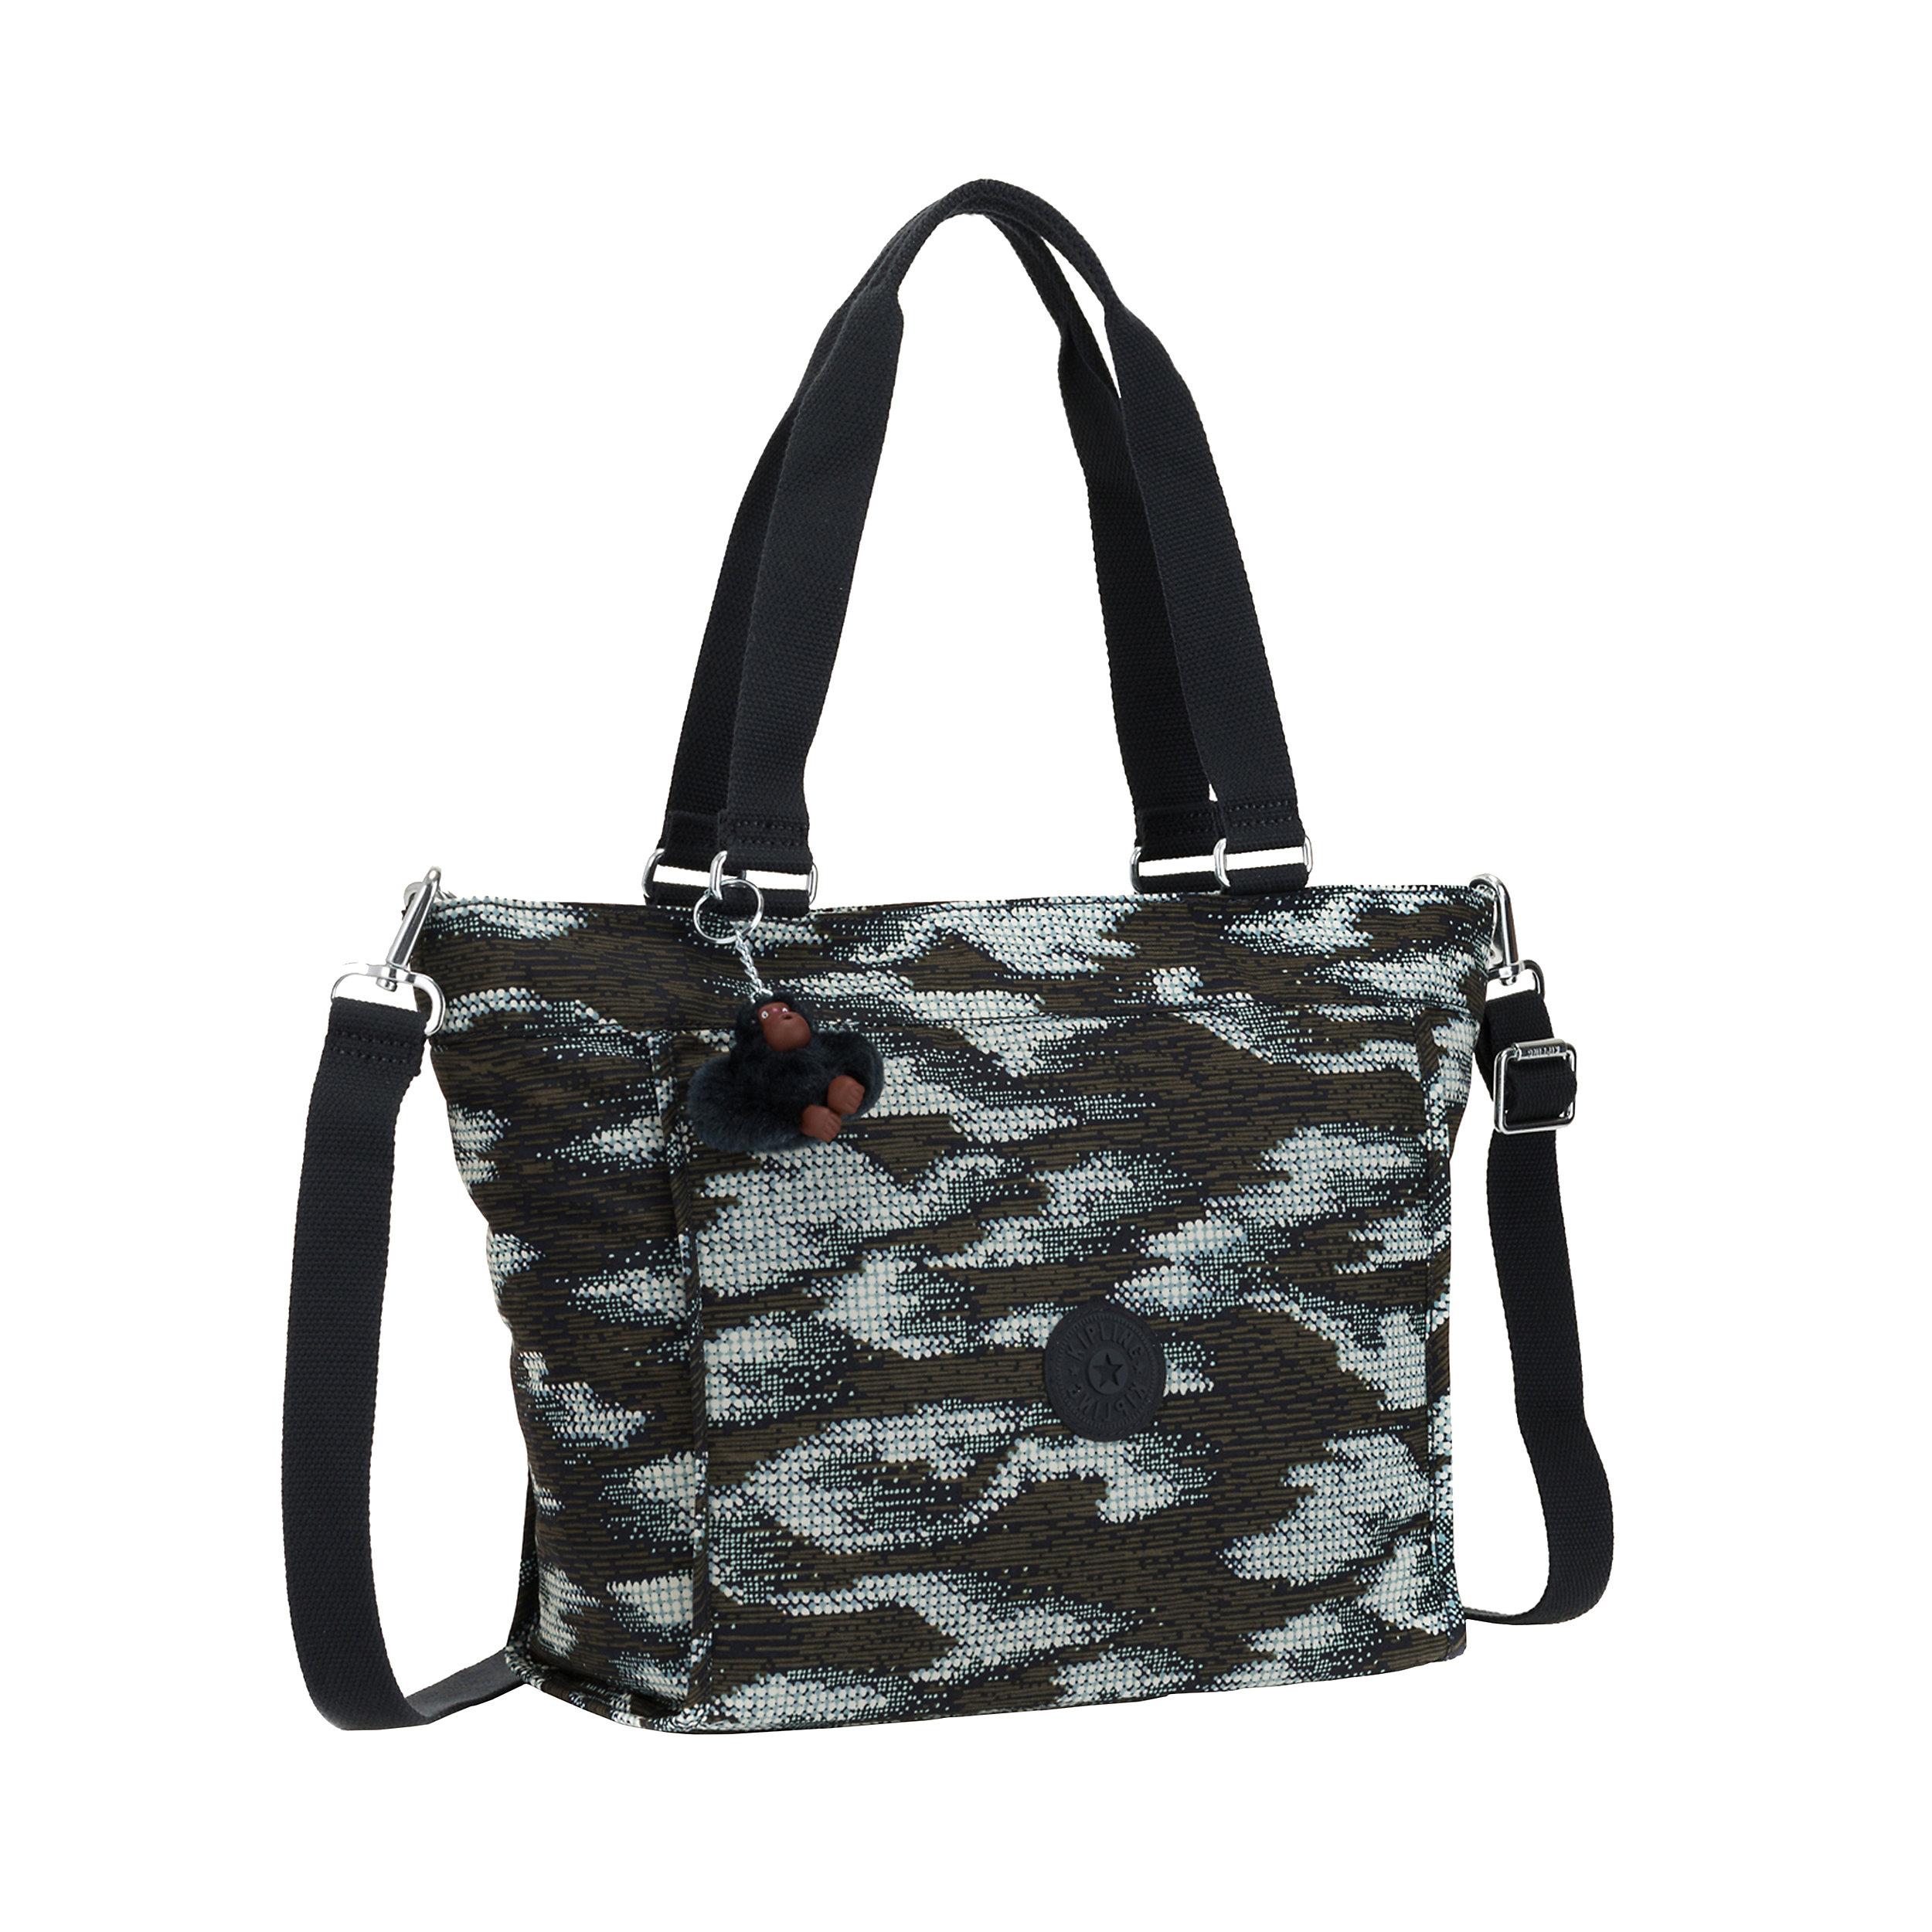 Crossbody Bag New Shopper S Tote Festival 9 Liter